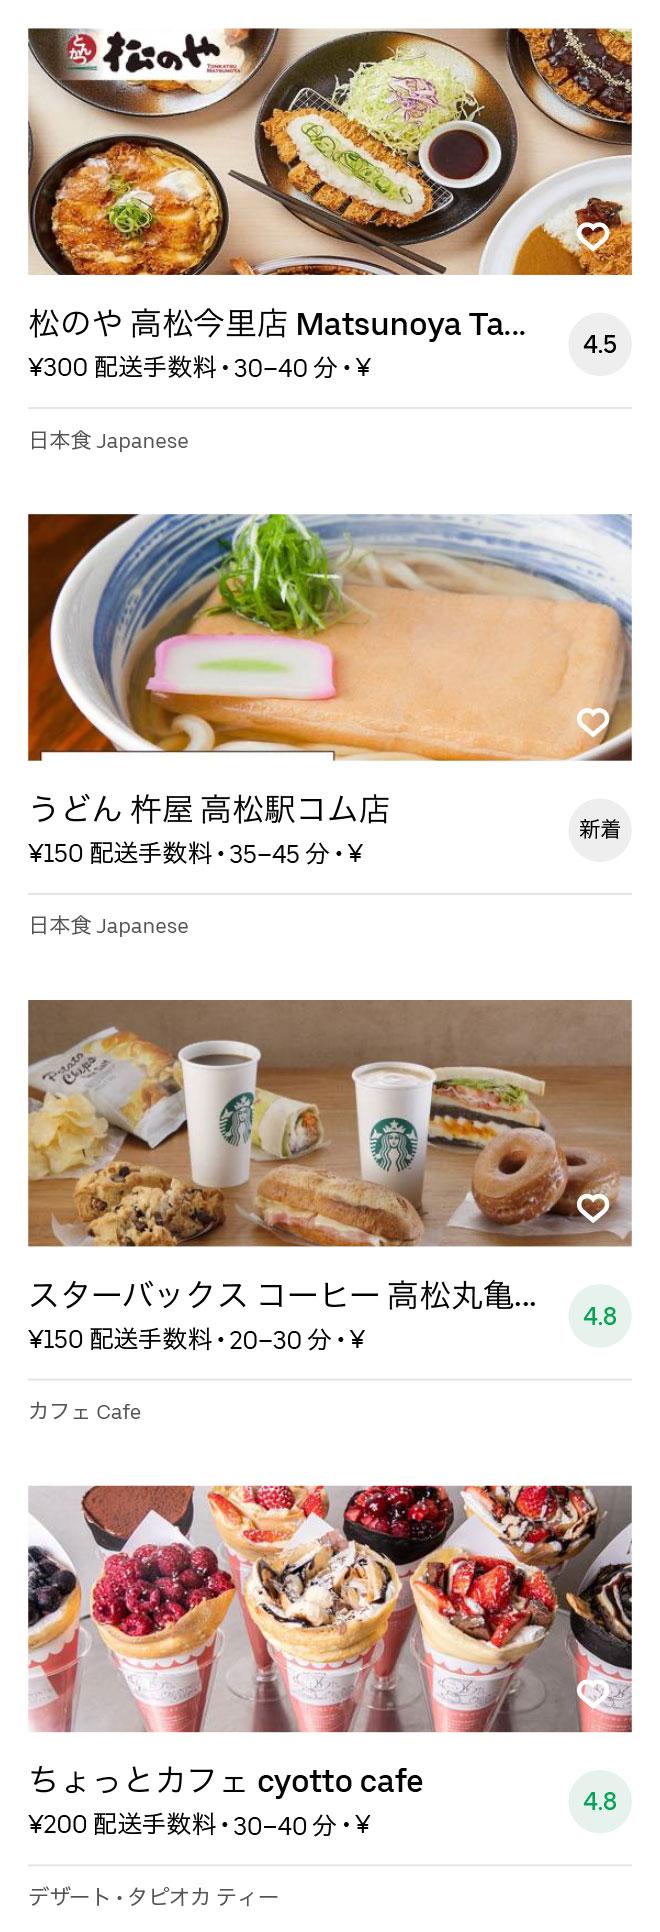 Katahara machi menu 2008 06